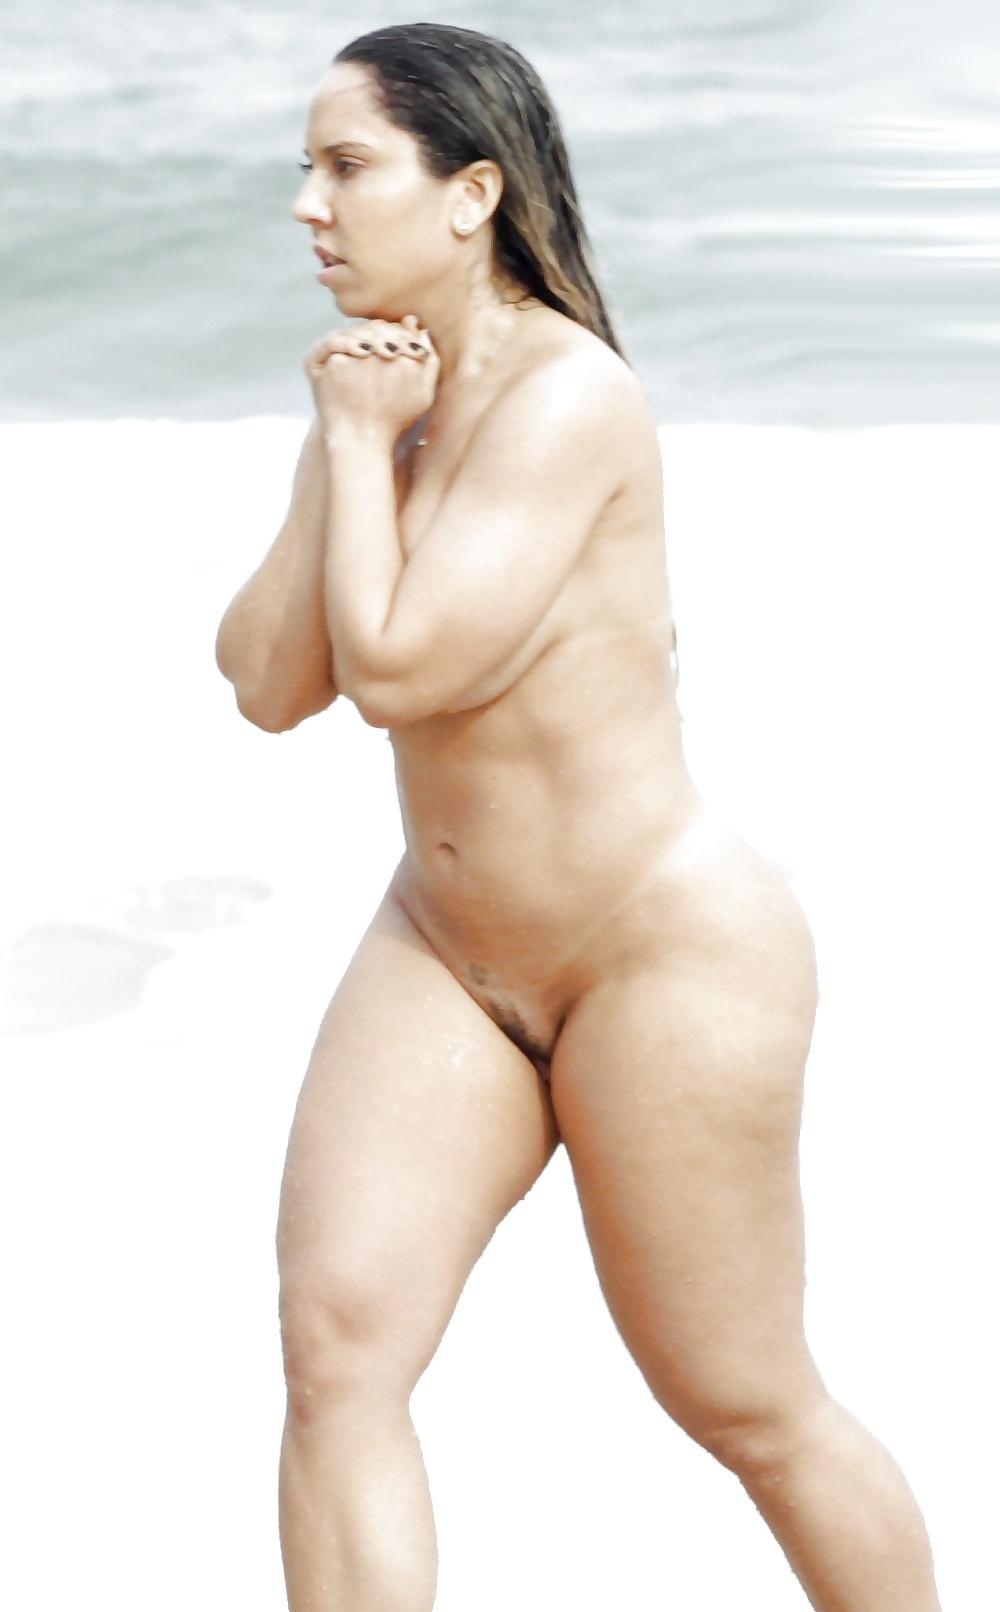 Chin strap dildo porn